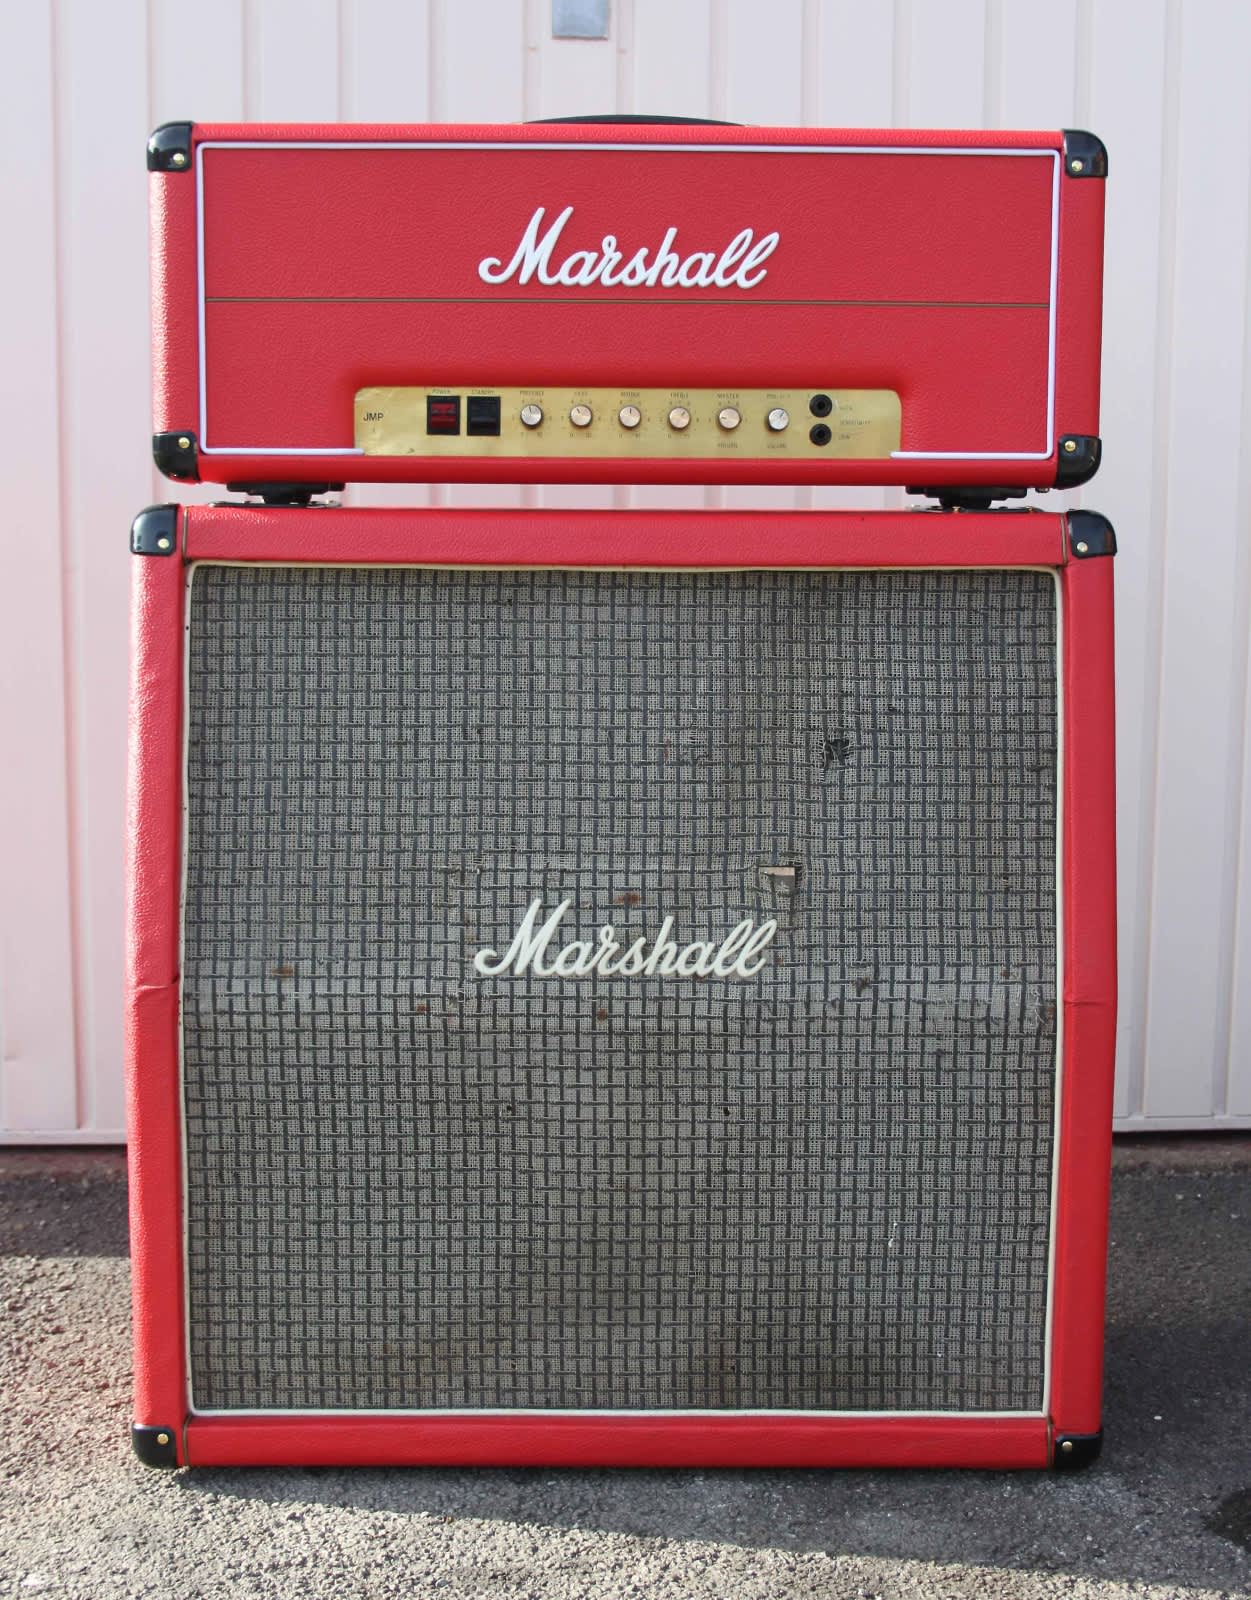 vintage 1977 marshall master model 100w lead jmp red amp w reverb. Black Bedroom Furniture Sets. Home Design Ideas